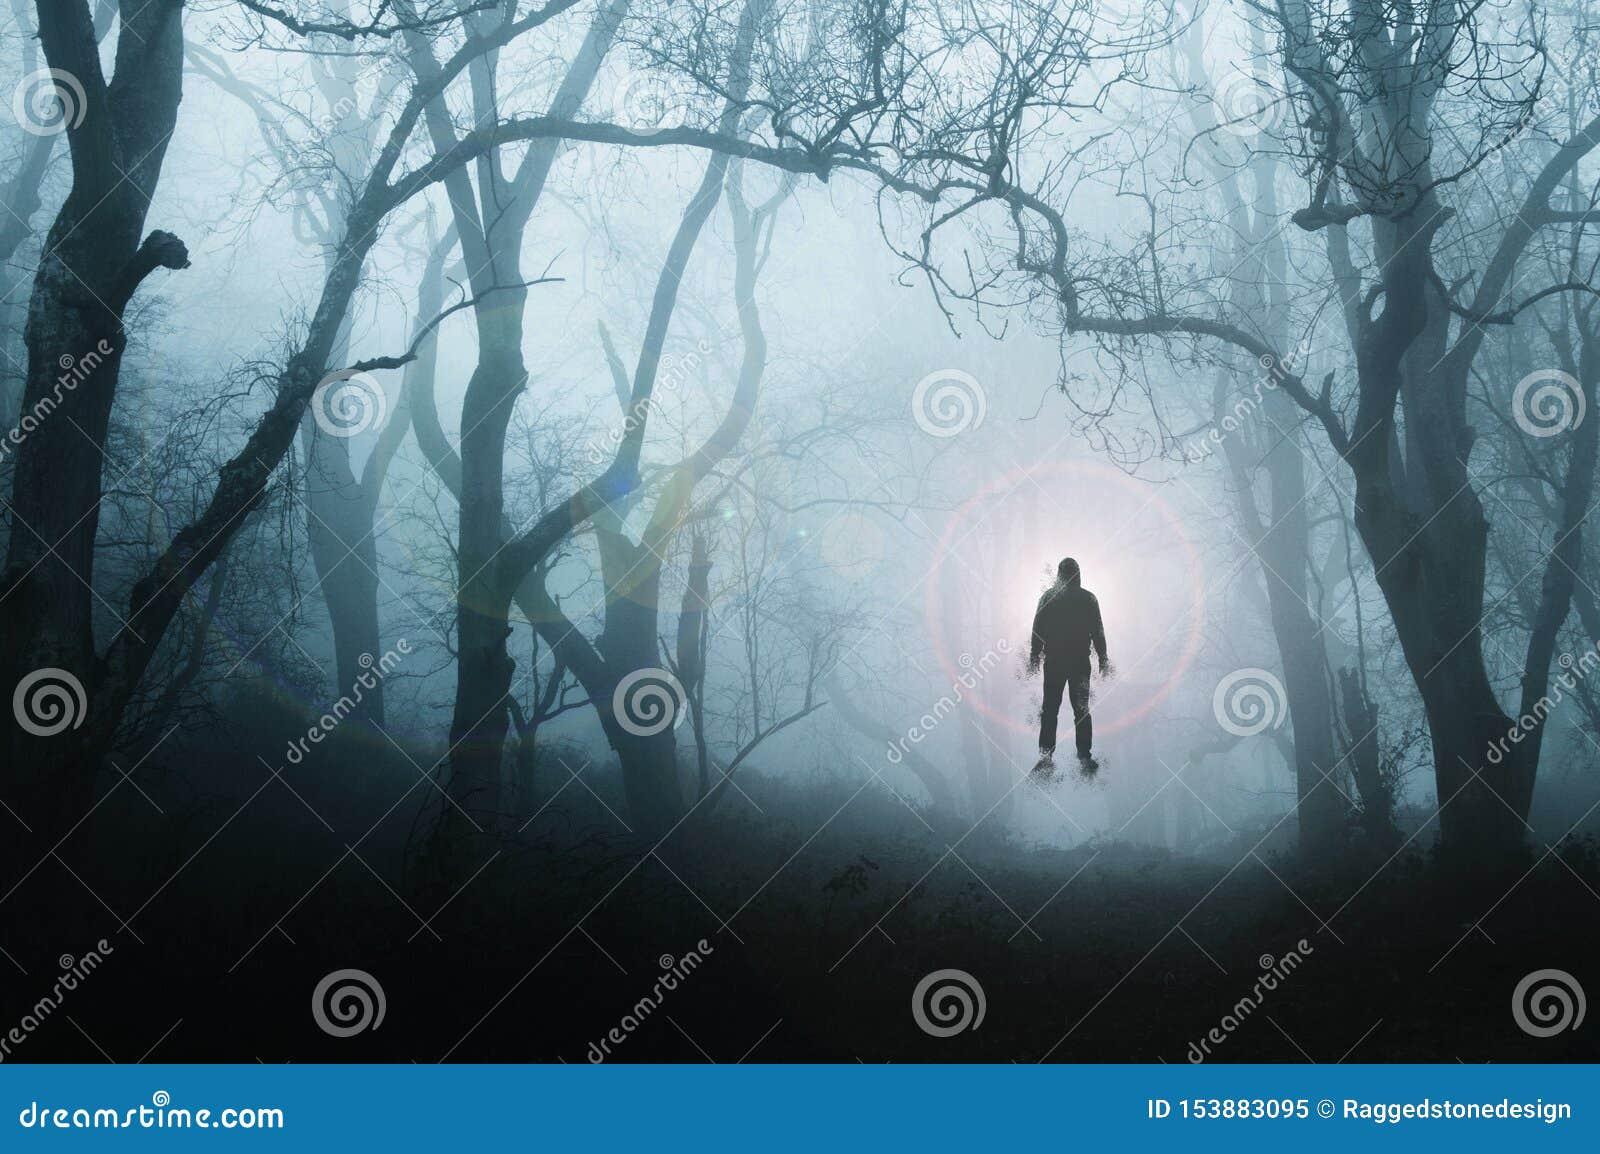 Straszny, niesamowity las w zimie, Z mężczyzną unosi się przeciw jaskrawemu światłu z drzewami sylwetkowymi mgłą, Z niemym, błęki